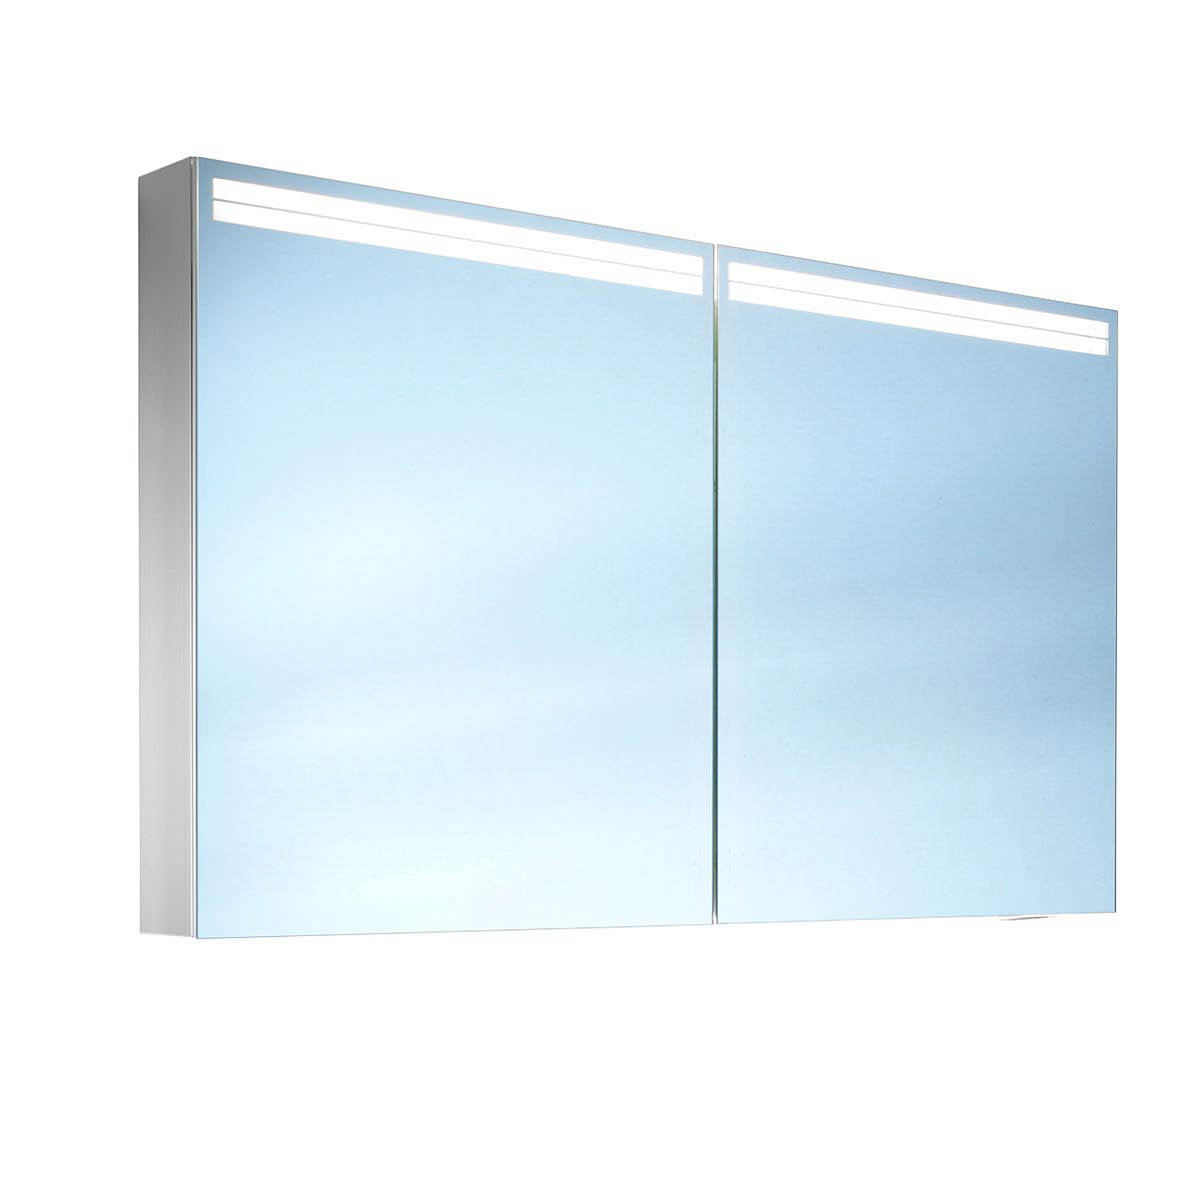 Schneider arangaline 2 door mirror cabinet 1200mm for Mirrored cabinet doors